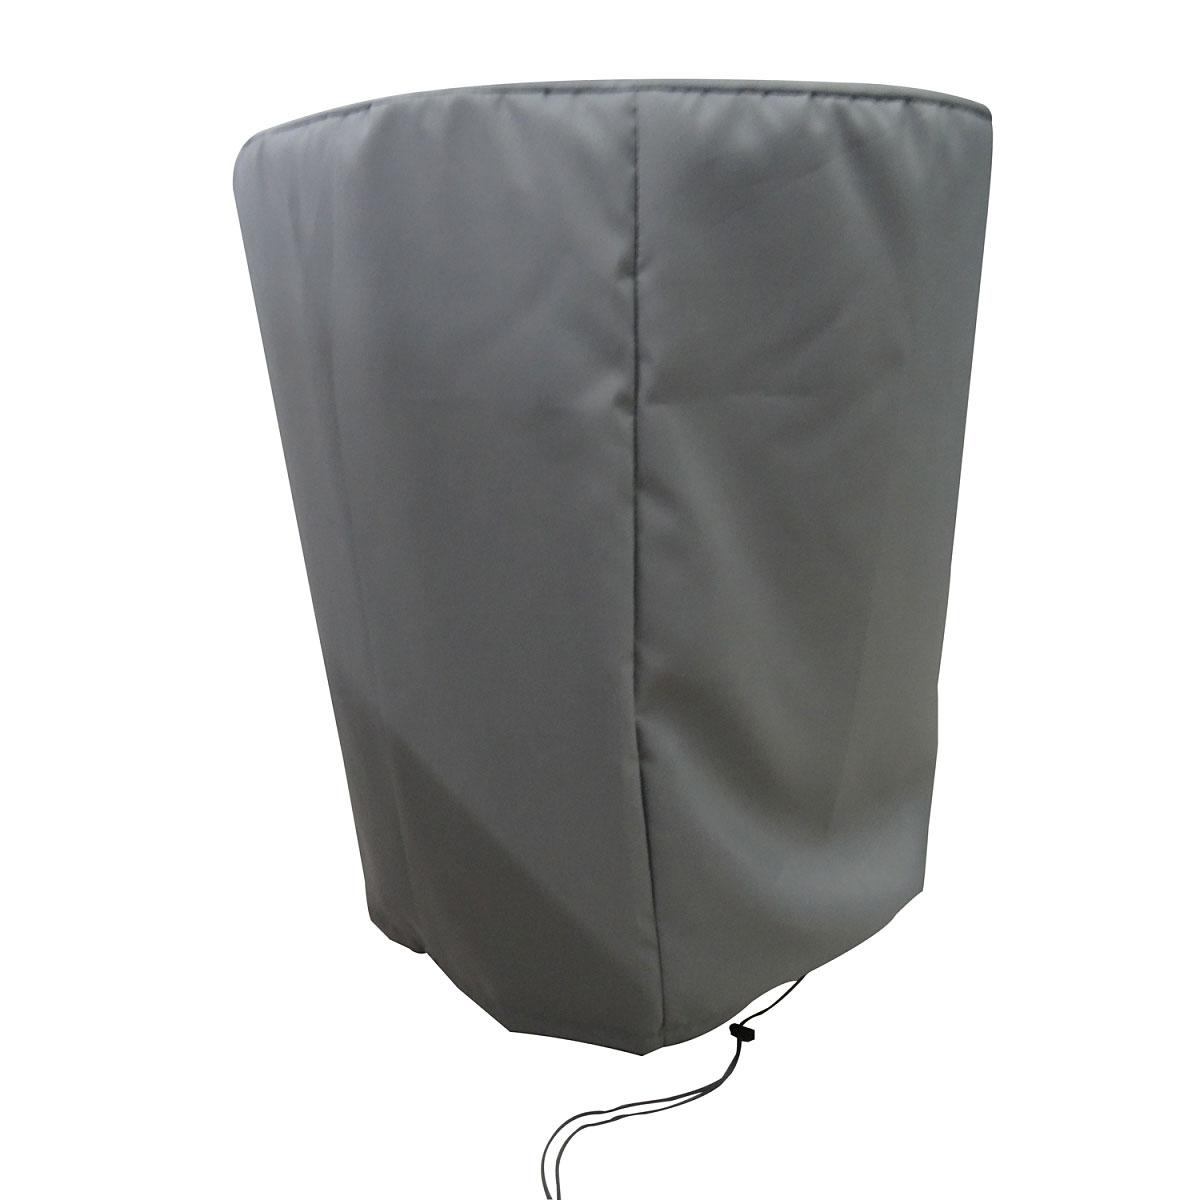 Abdeckhaube für Kugelgrills BASIC, 47 cm